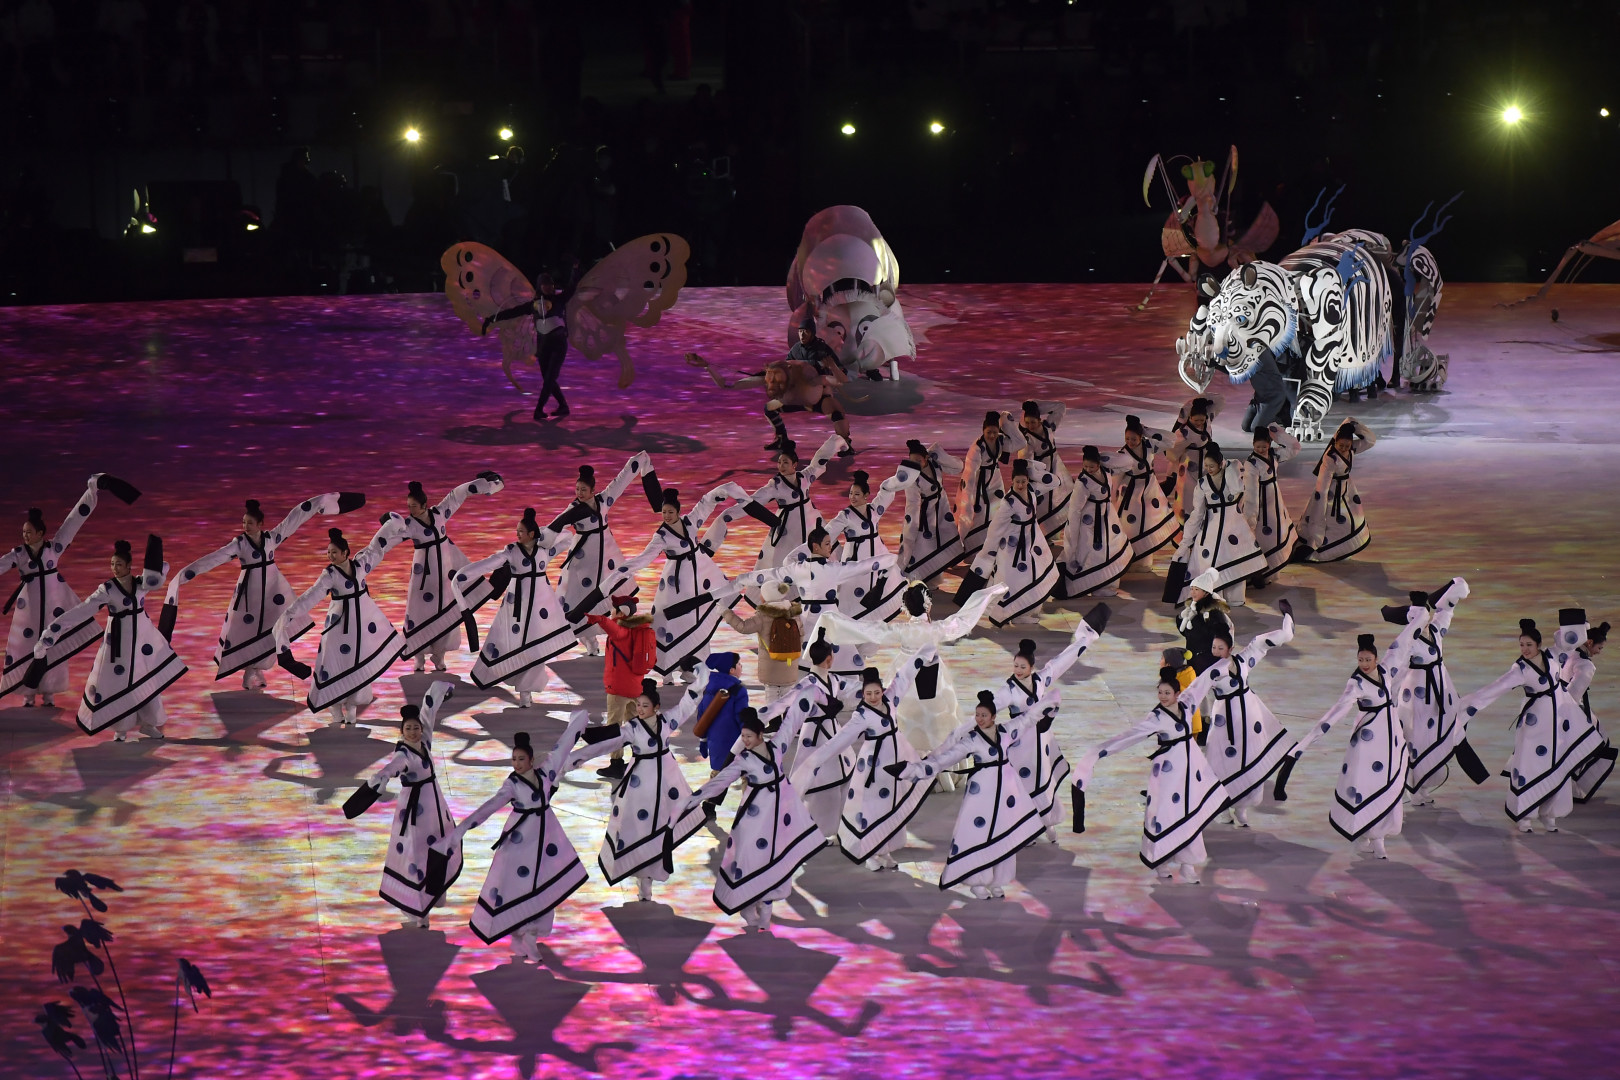 """L'un des premiers """"tableaux"""" de la cérémonie d'ouverture des Jeux olympiques de Pyeongchang."""